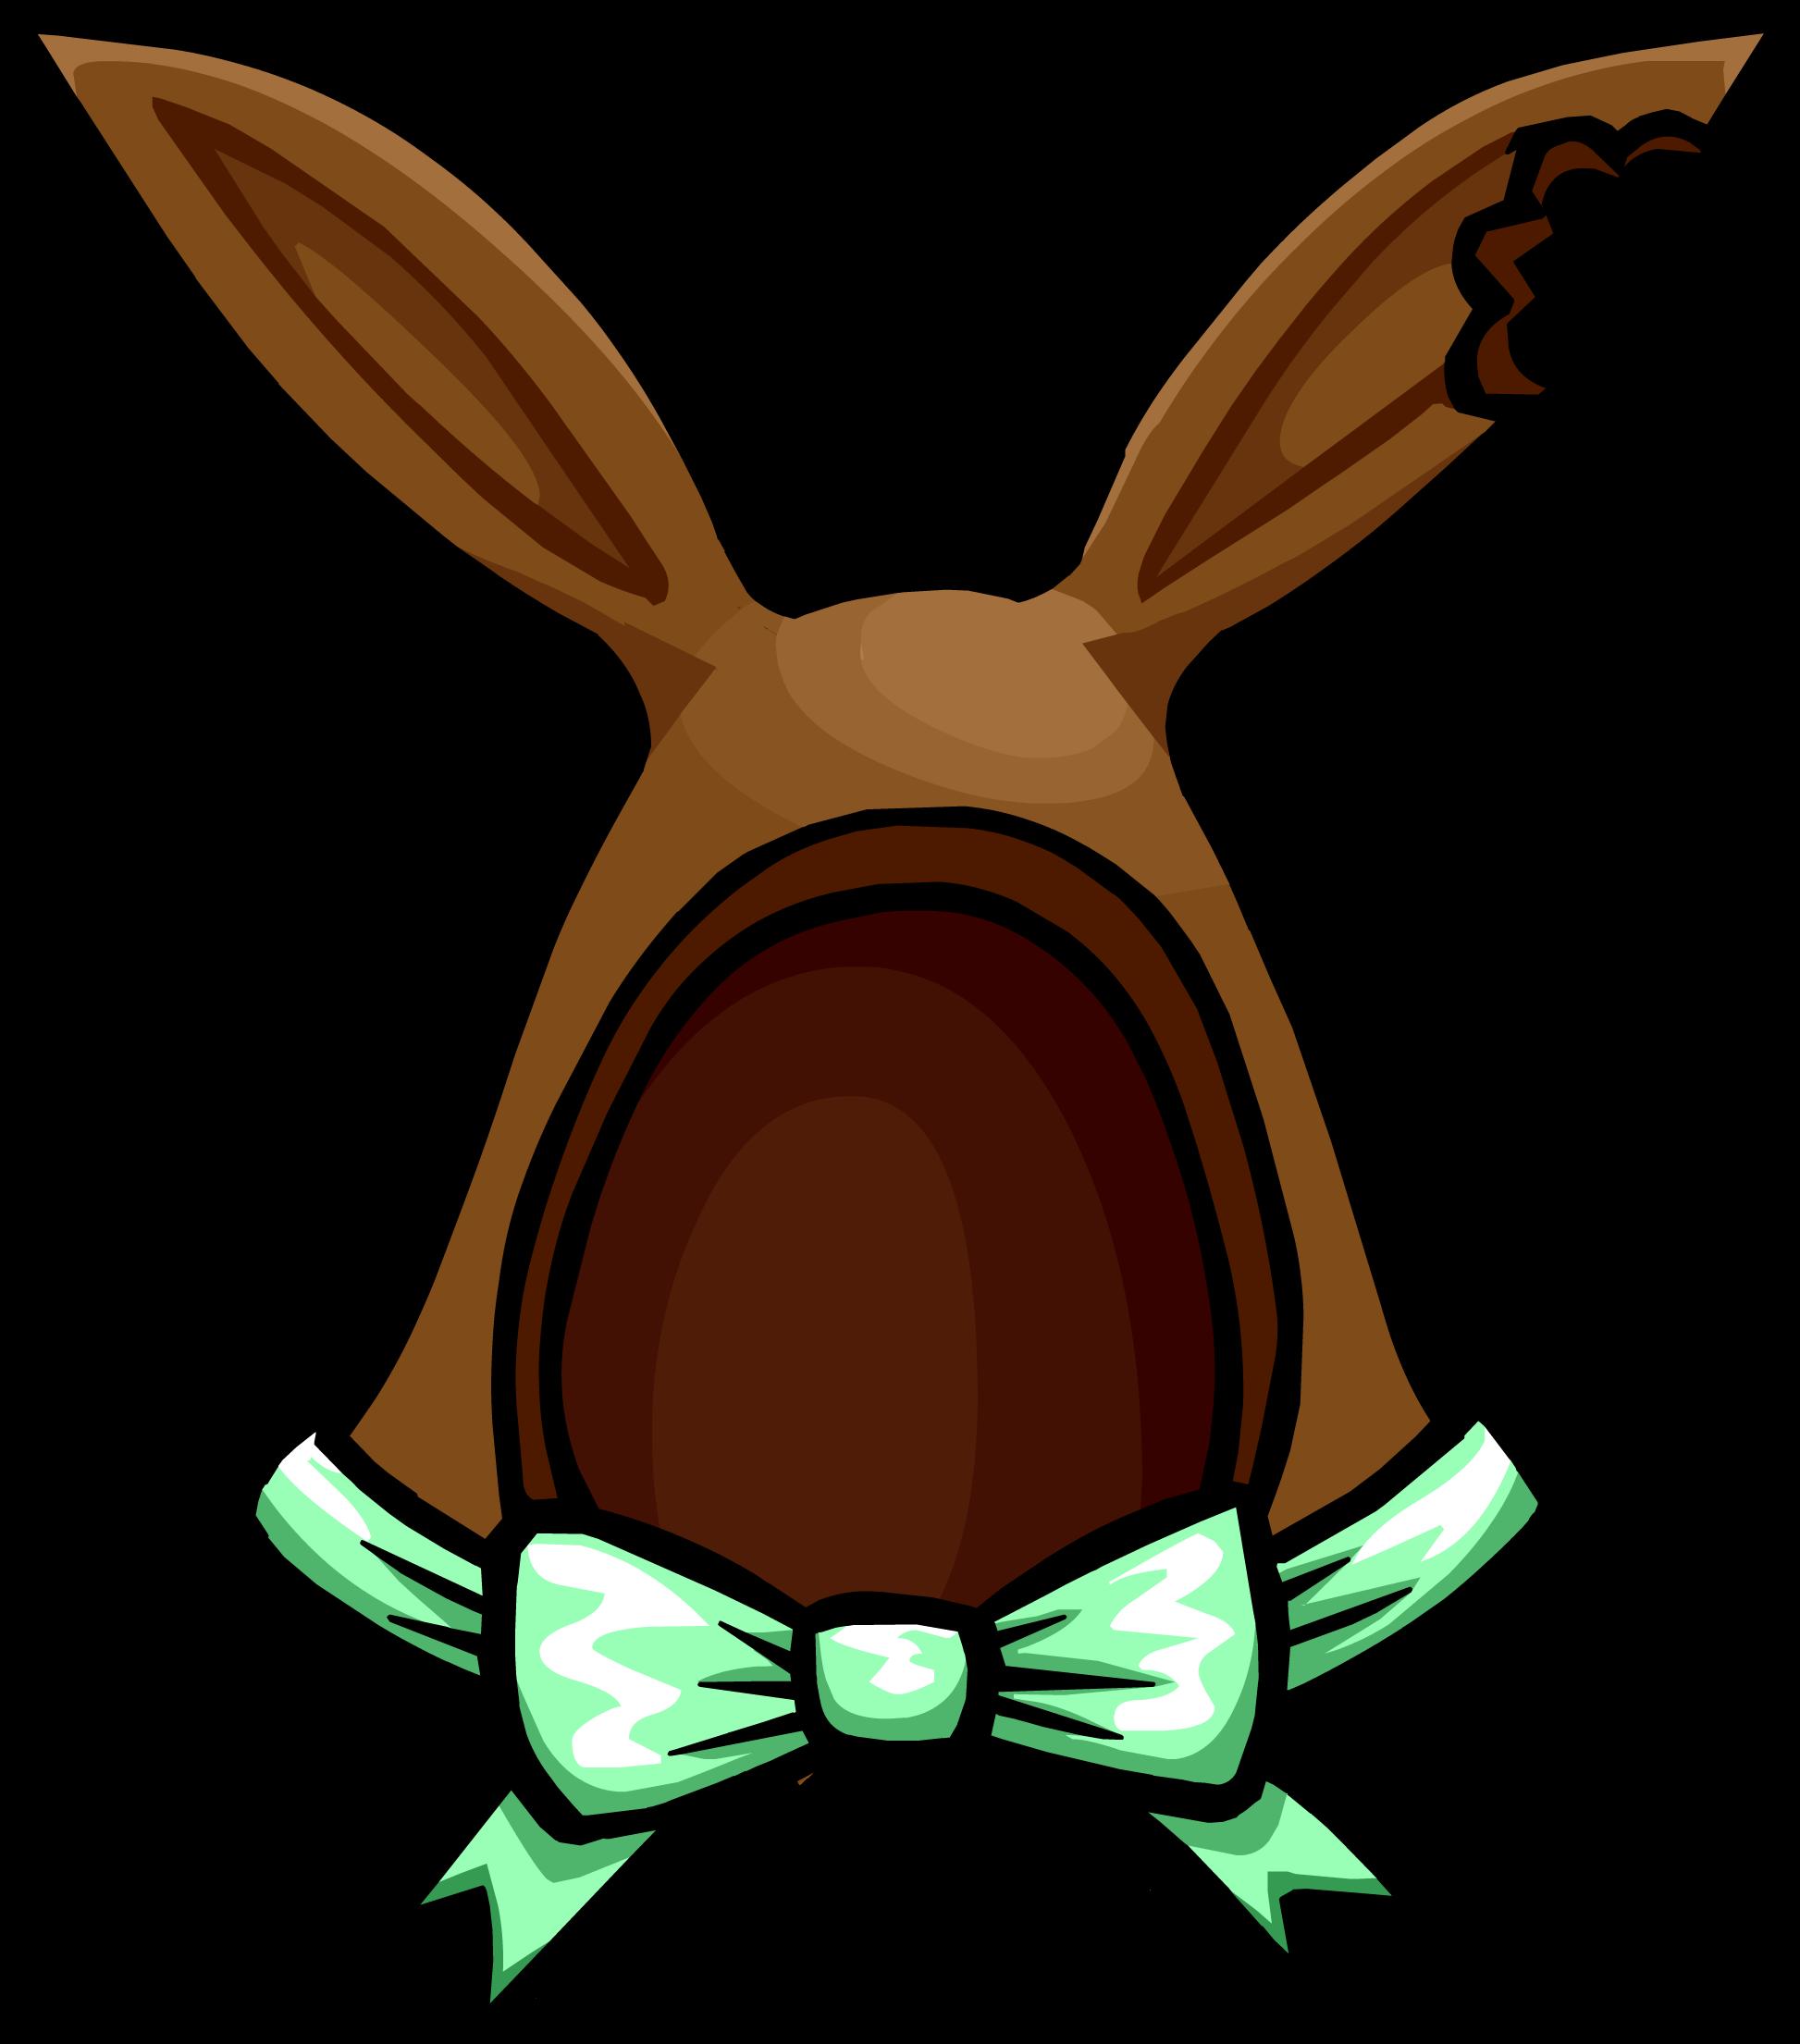 Cocoa Bunny Ears